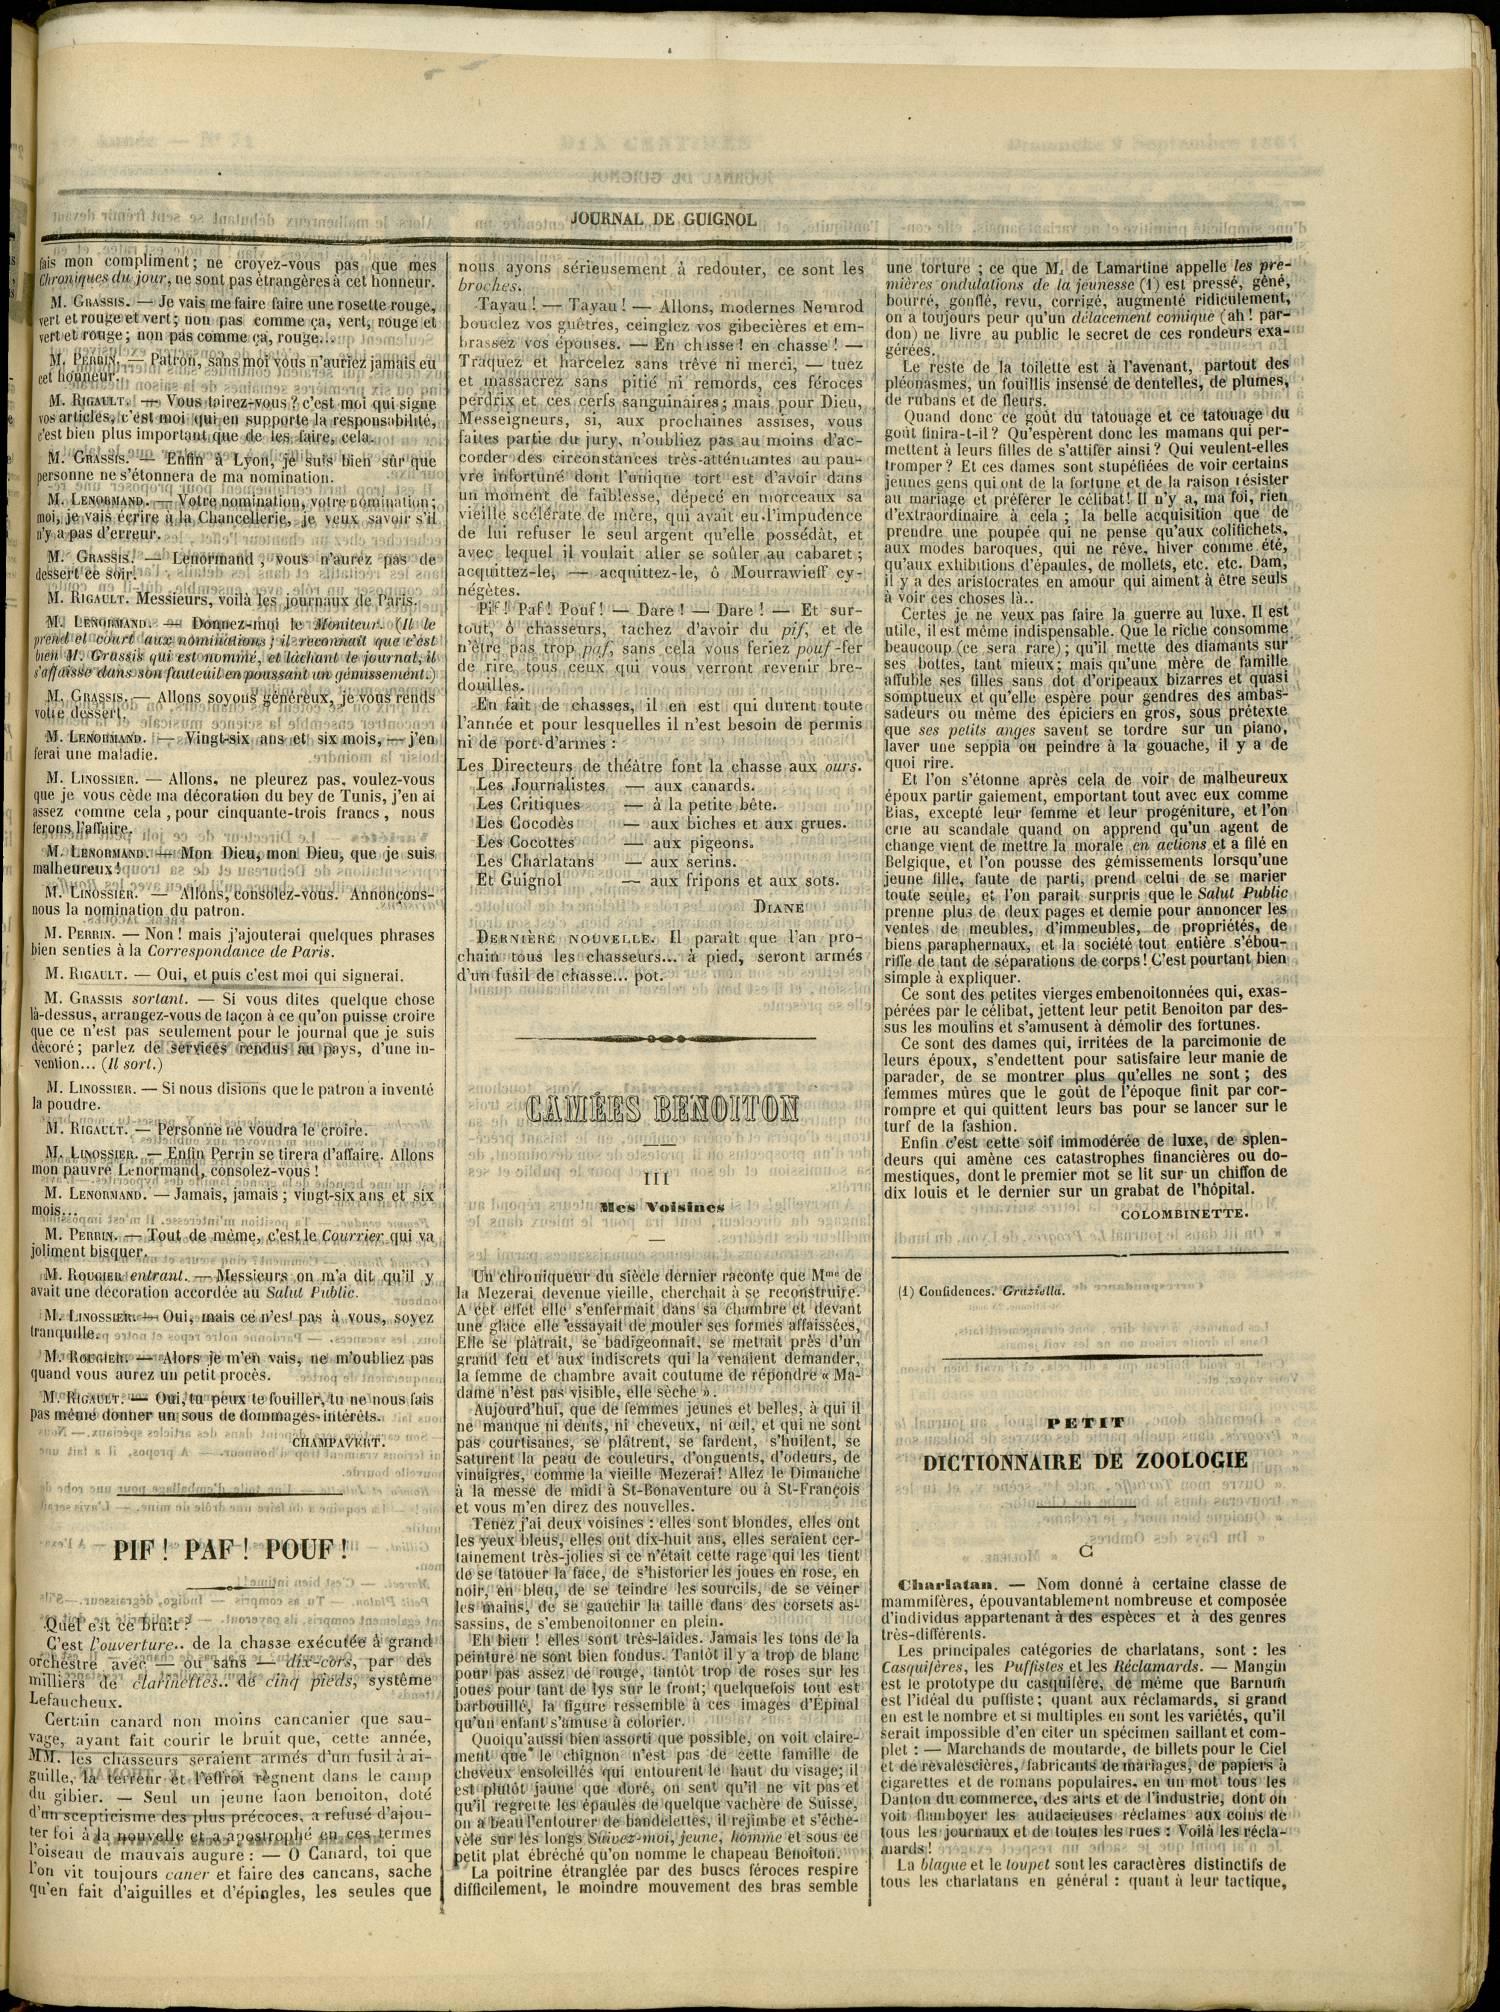 Contenu textuel de l'image : CAMEES BENOITON